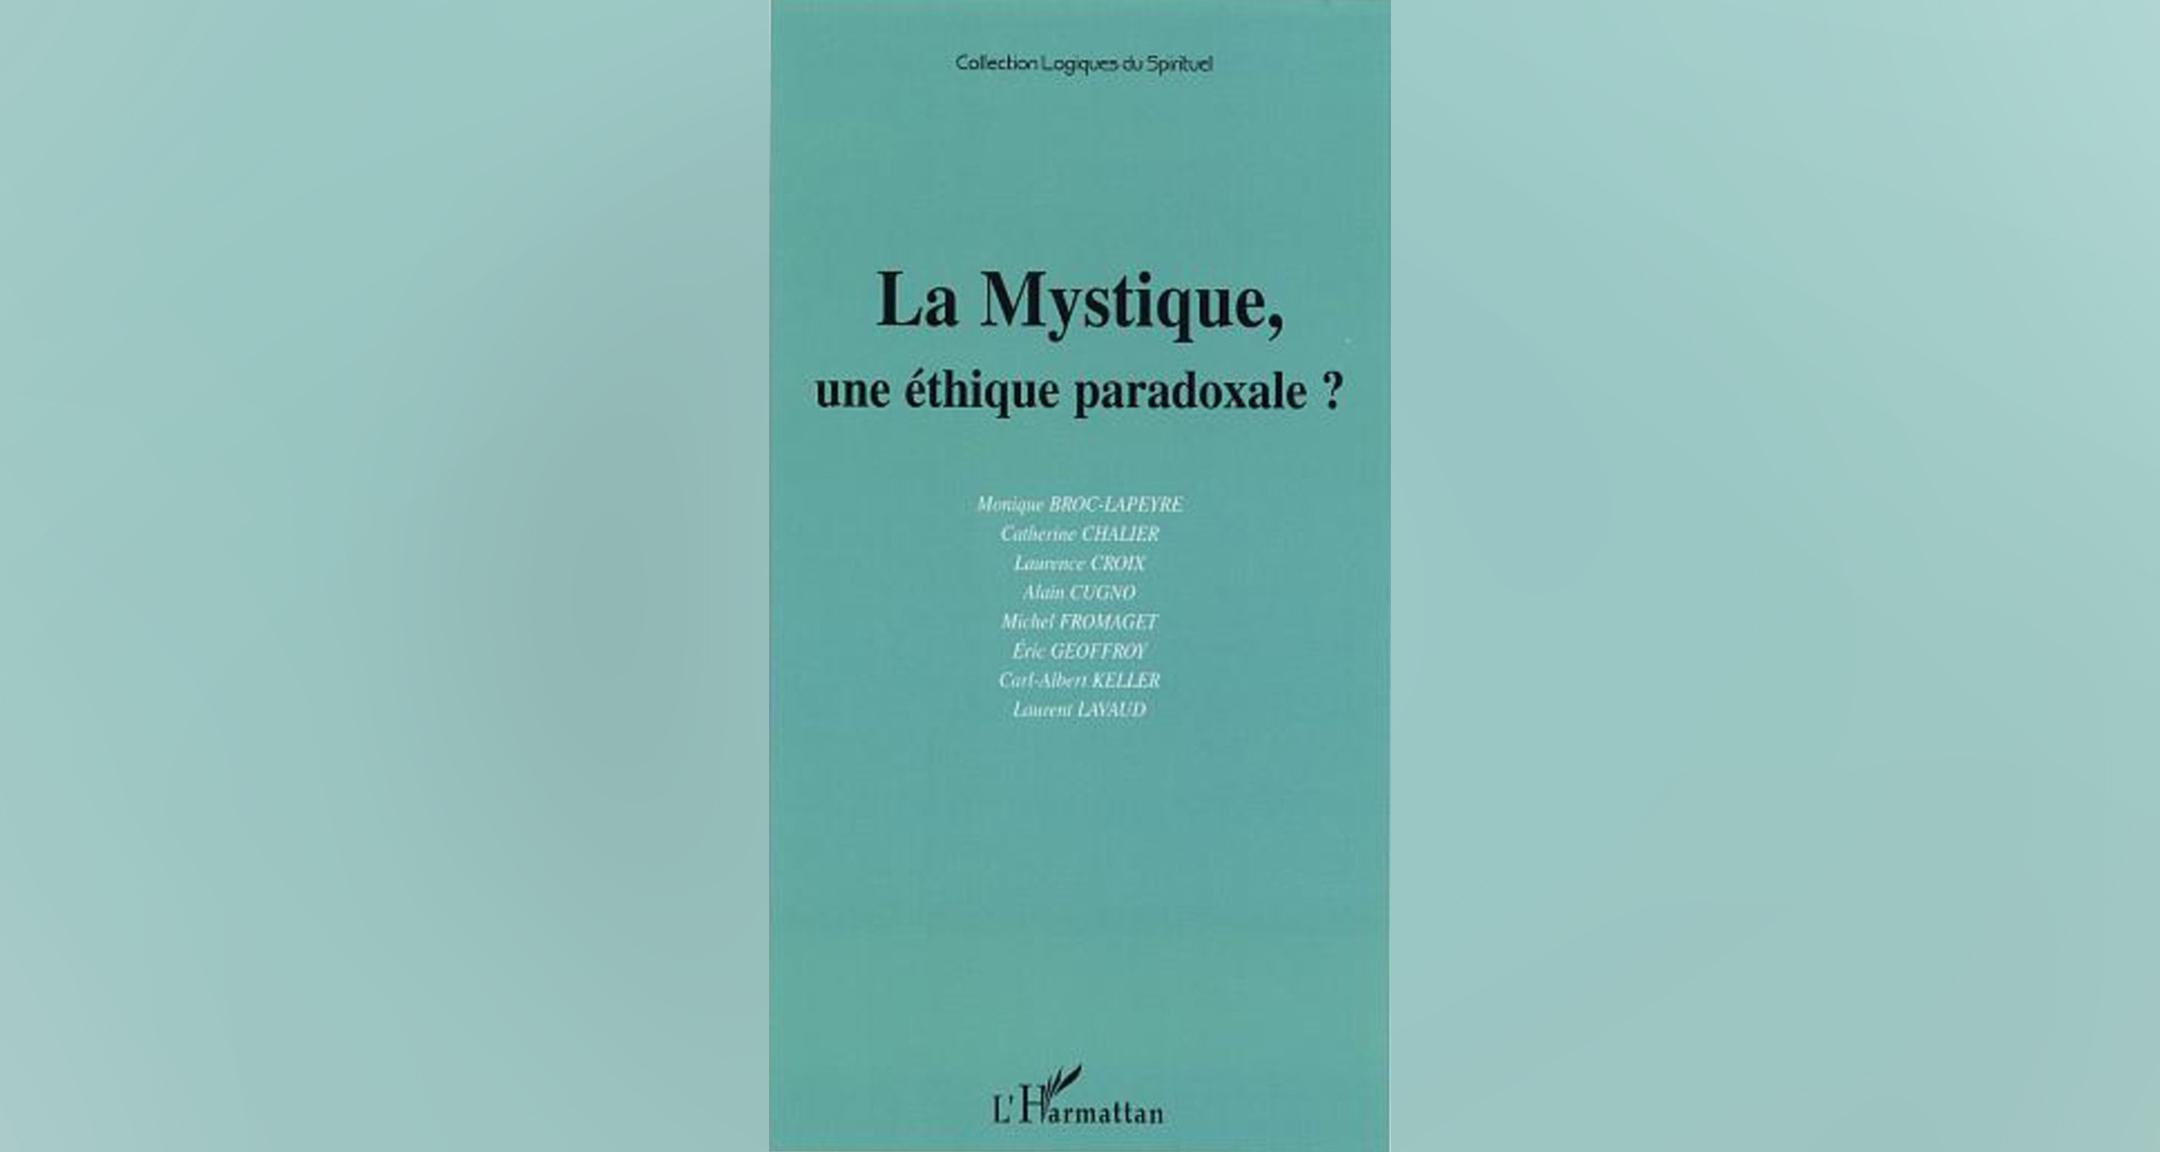 La Mystique, une éthique paradoxale ?